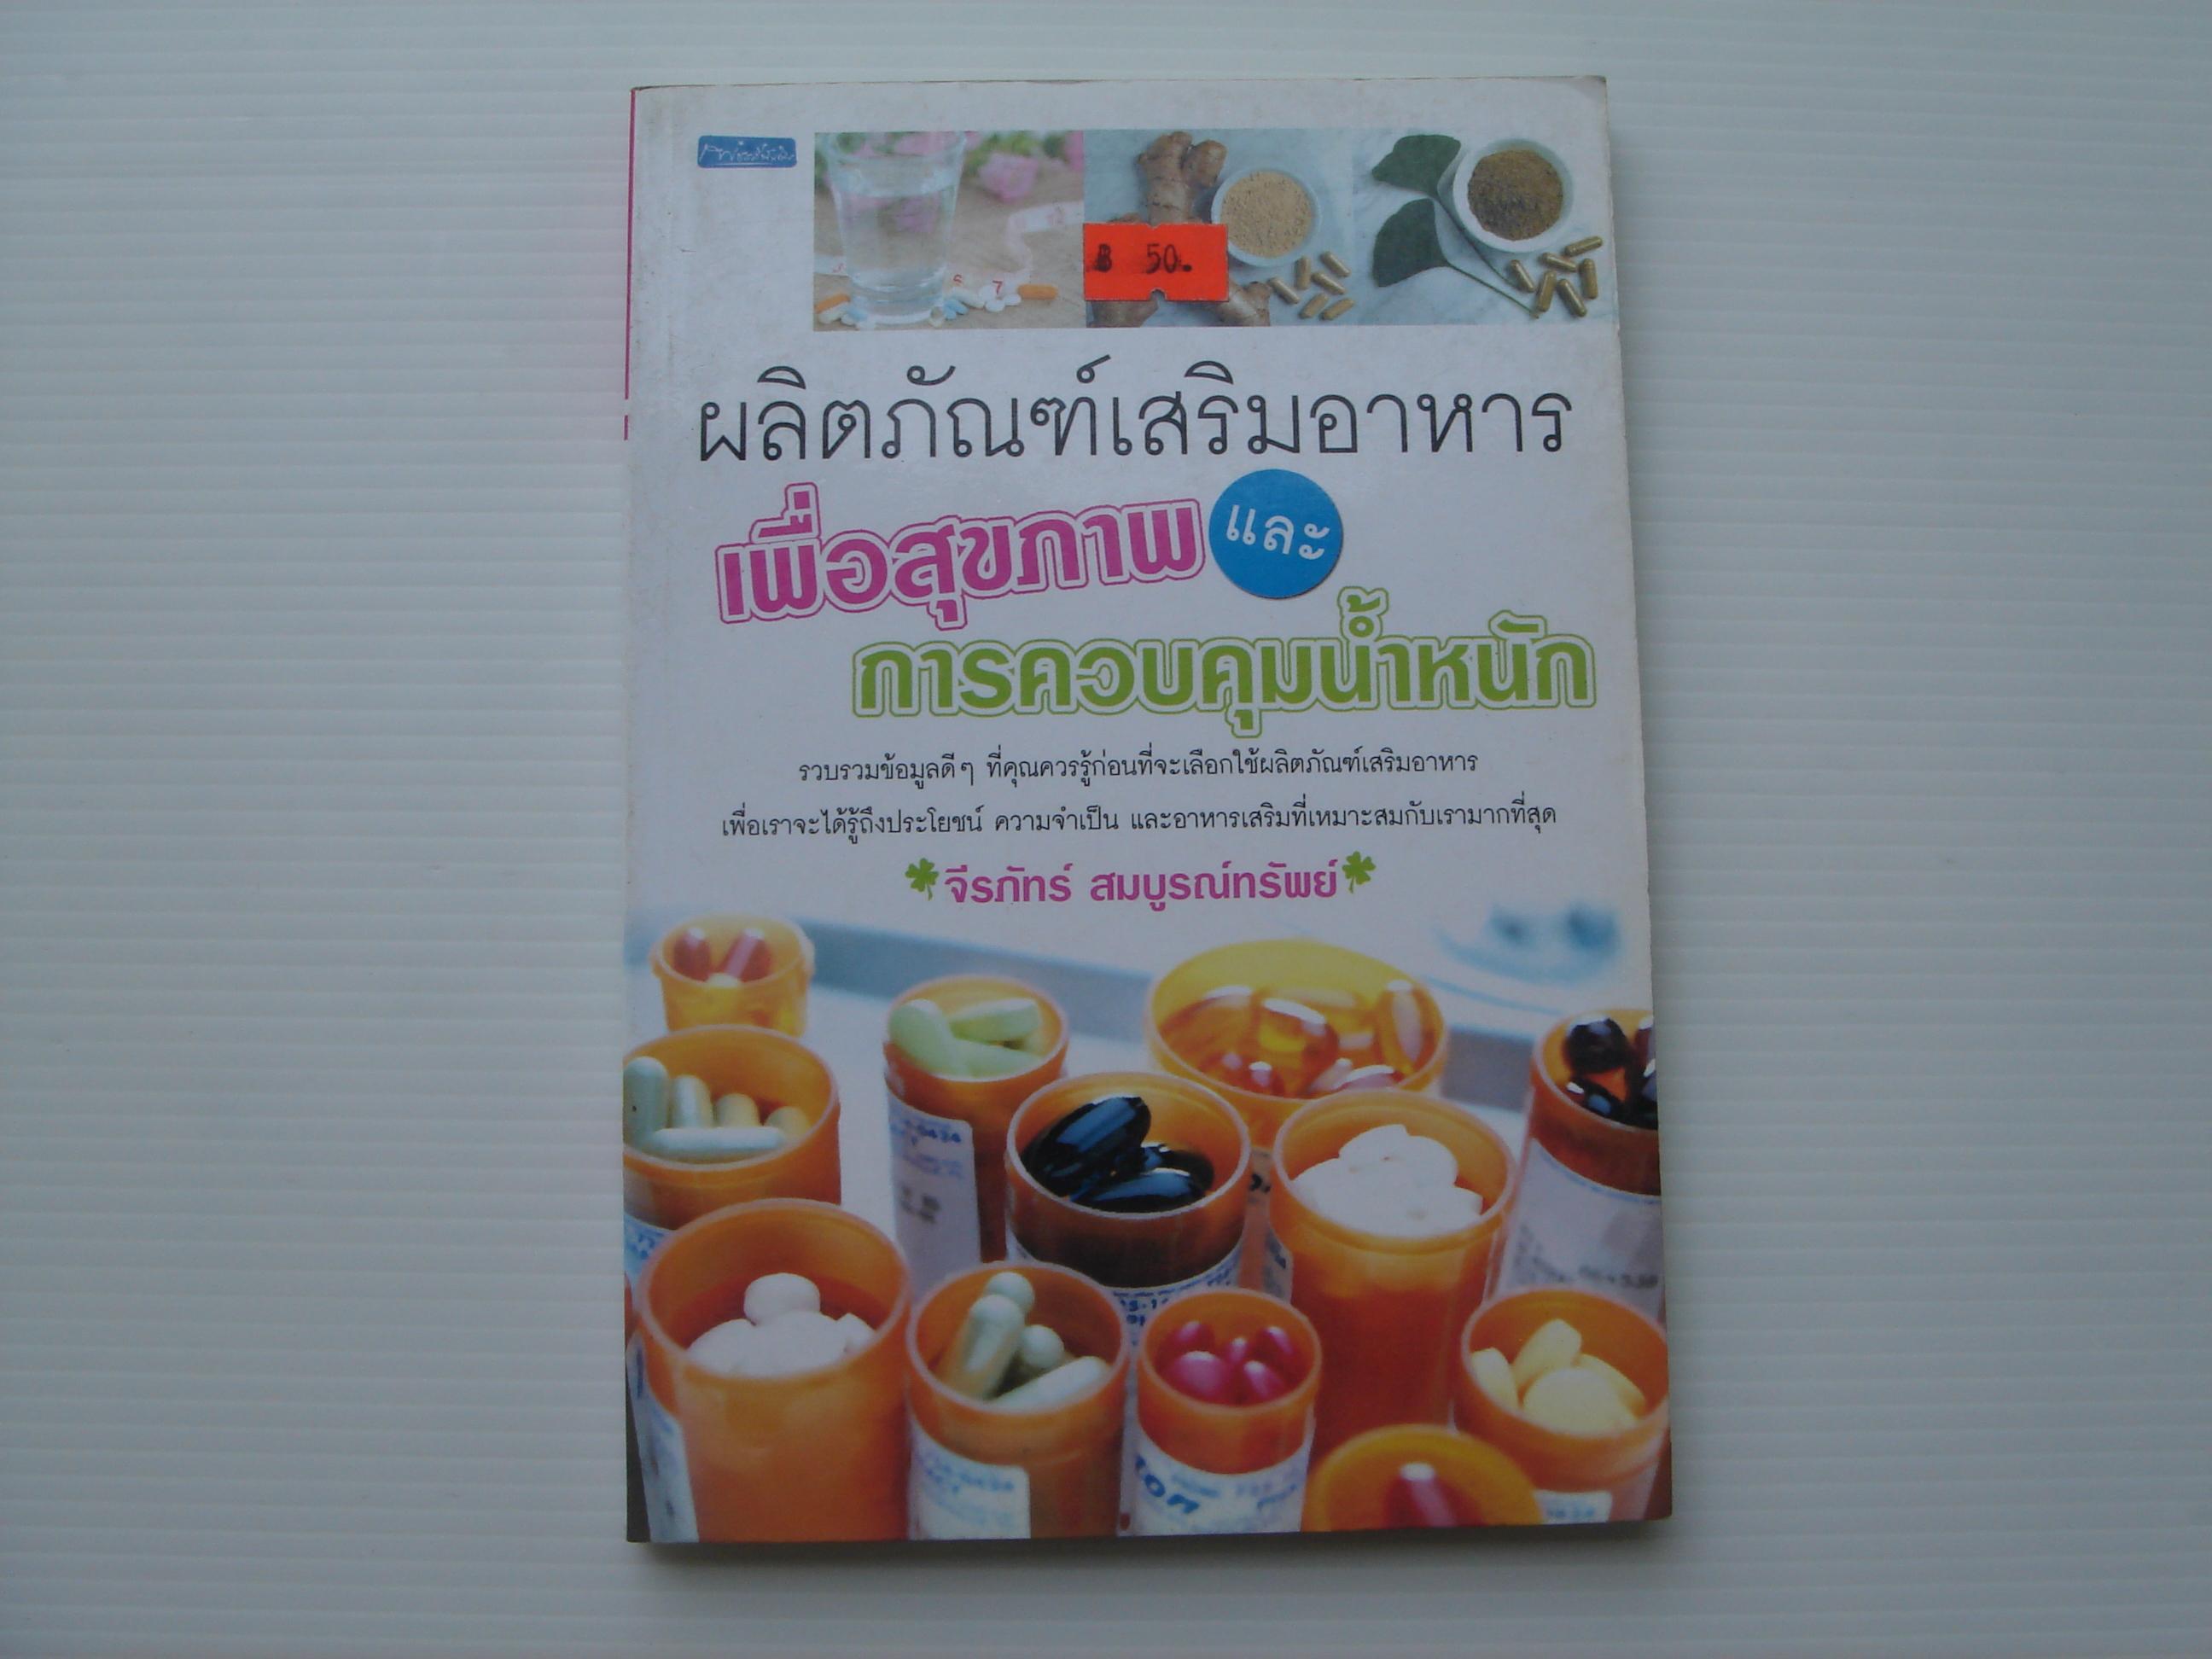 ผลิตภัณฑ์เสริมอาหารเพื่อสุขภาพและการควบคุมน้ำหนัก